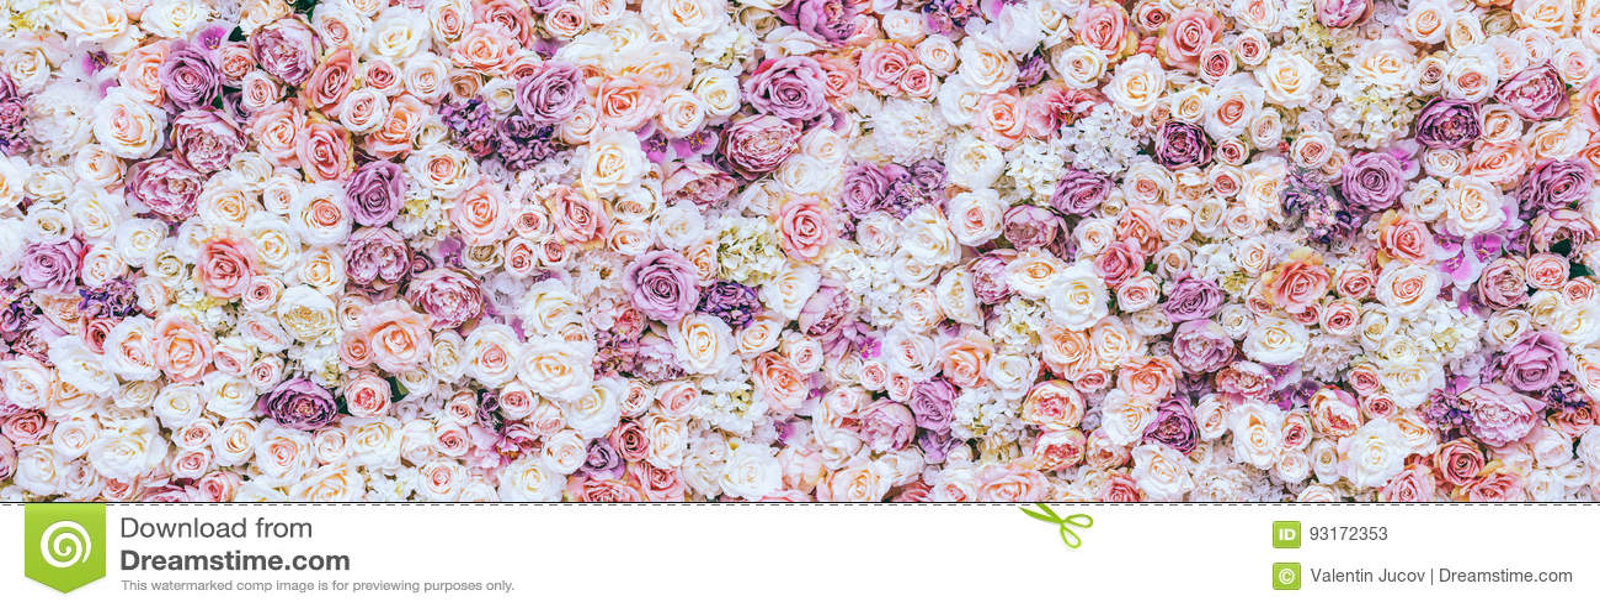 Blommaväggbakgrund med att förbluffa röda och vita rosor som gifta sig garnering, gjord hand -